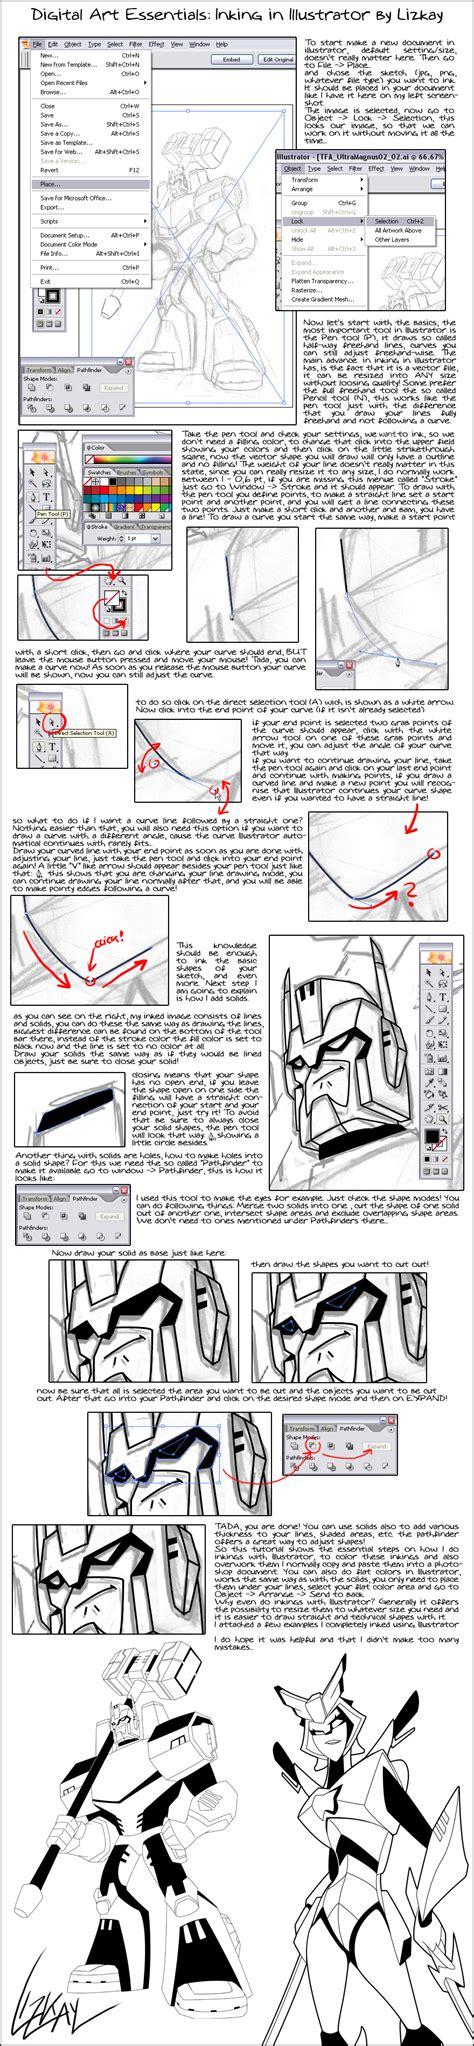 tutorial illustrator bd illustrator inking tutorial by lizkay on deviantart